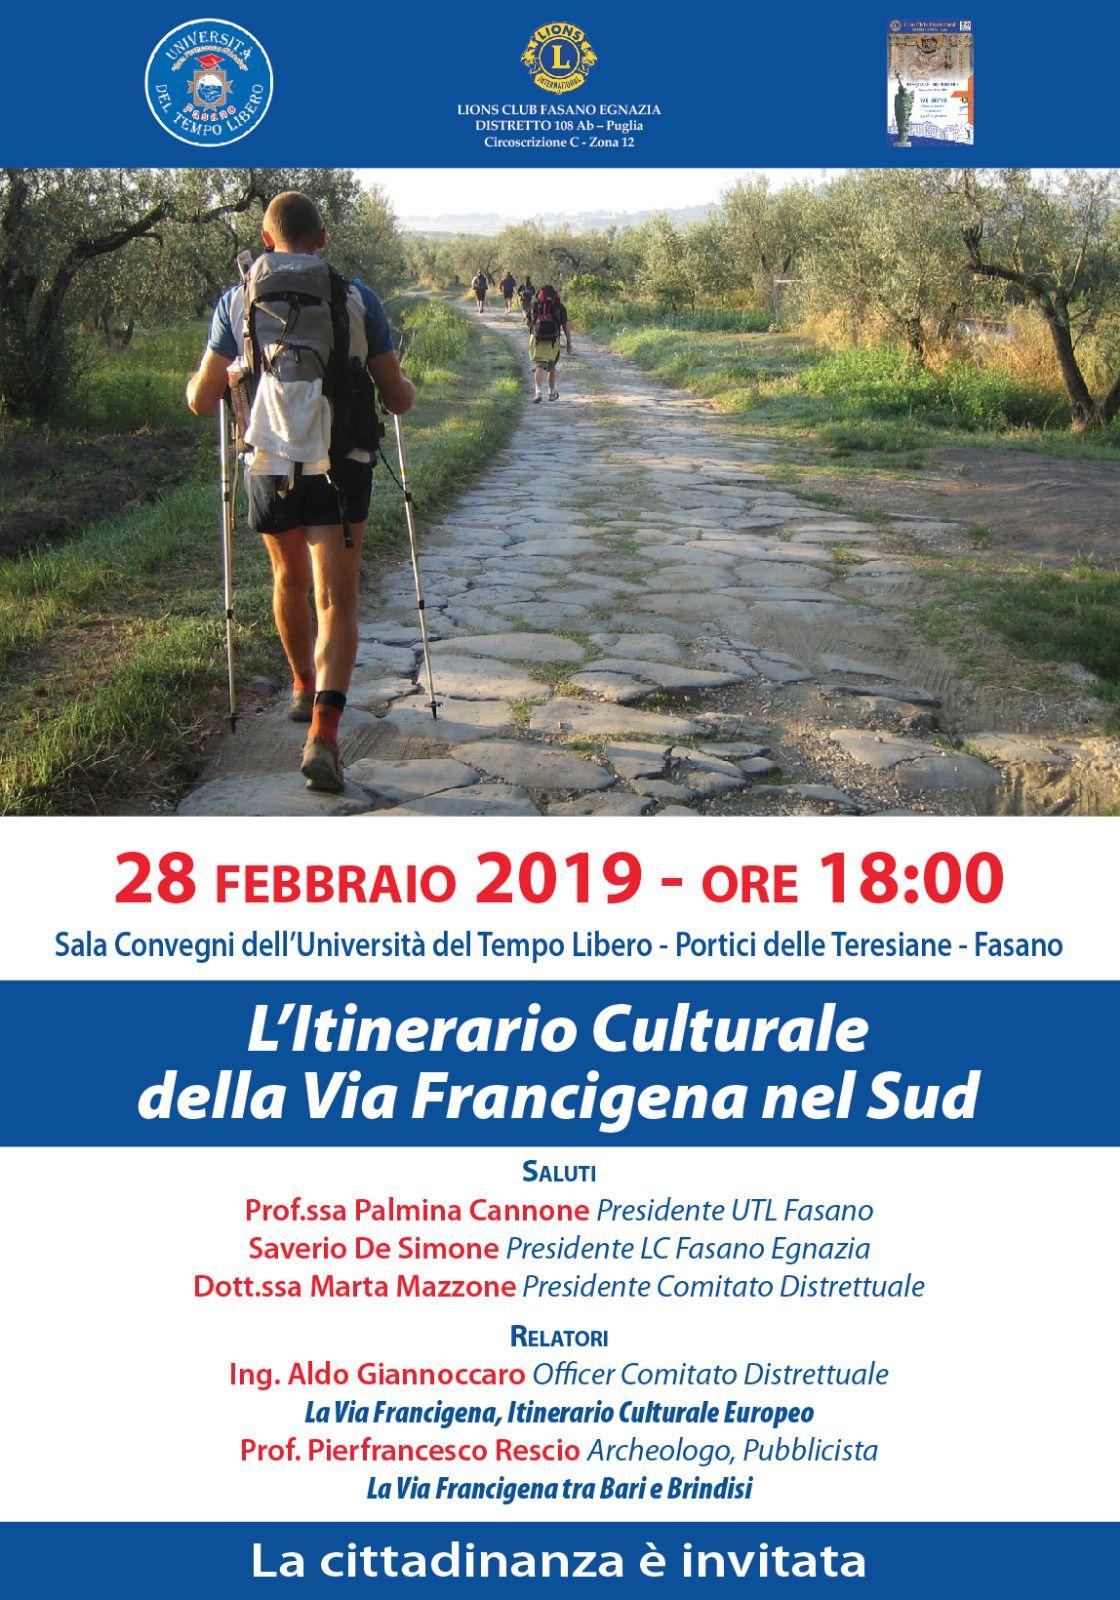 Read more: L'itinerario Culturale della via Francigena nel Sud